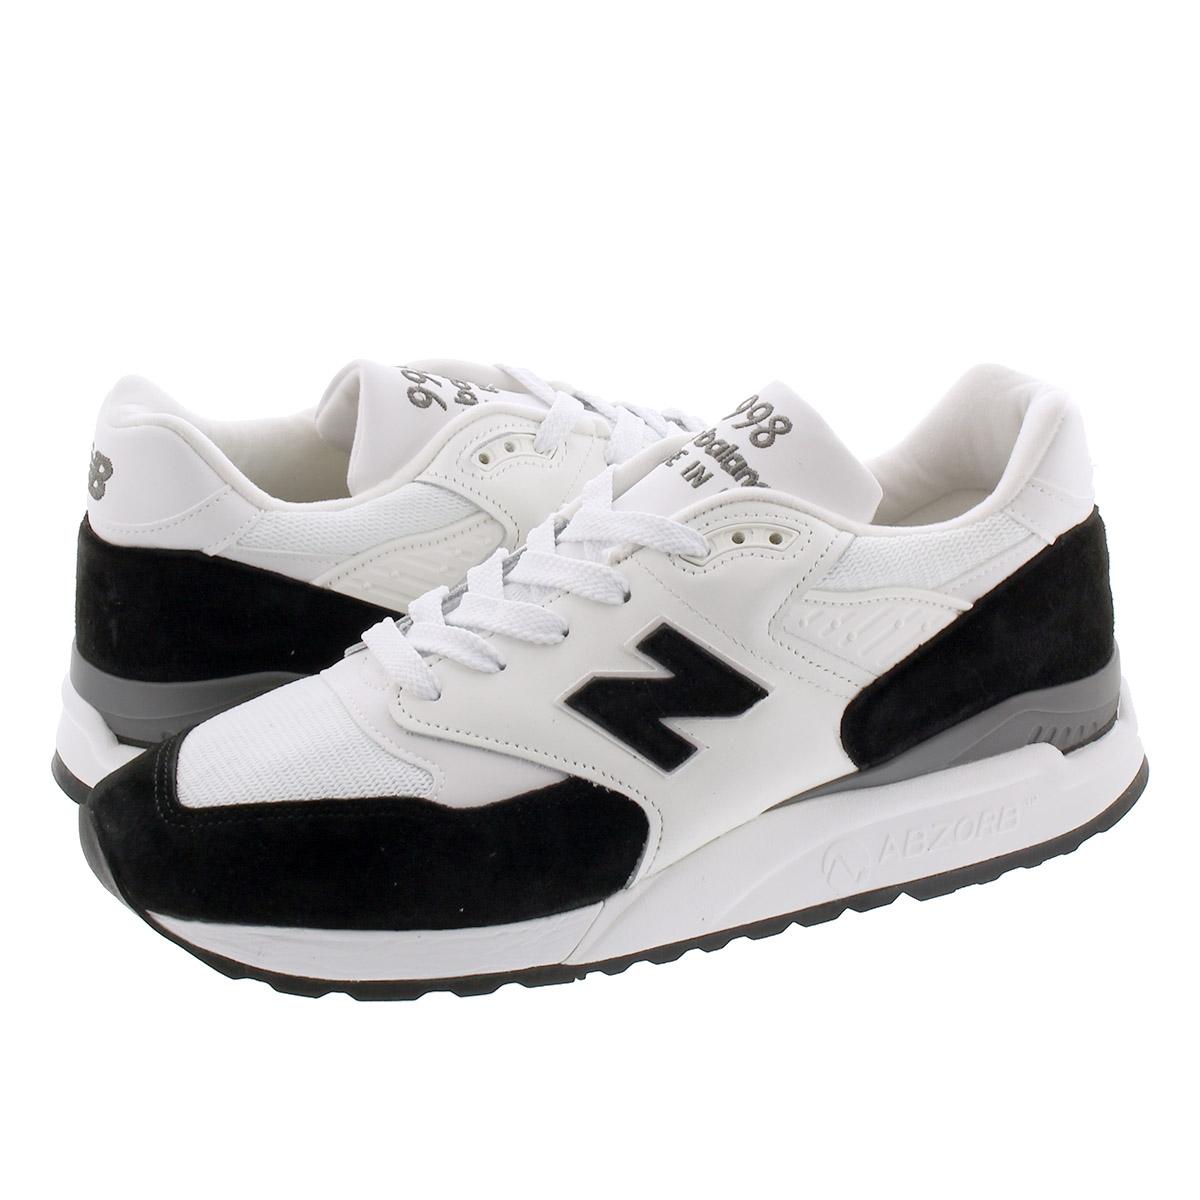 送料無料 New Balance ニューバランス スニーカー 靴 メンズ ホワイト 白 M998psc Black 国際ブランド U S A Made 値下げプライス 毎日がお得 M998 Psc In White M998psc